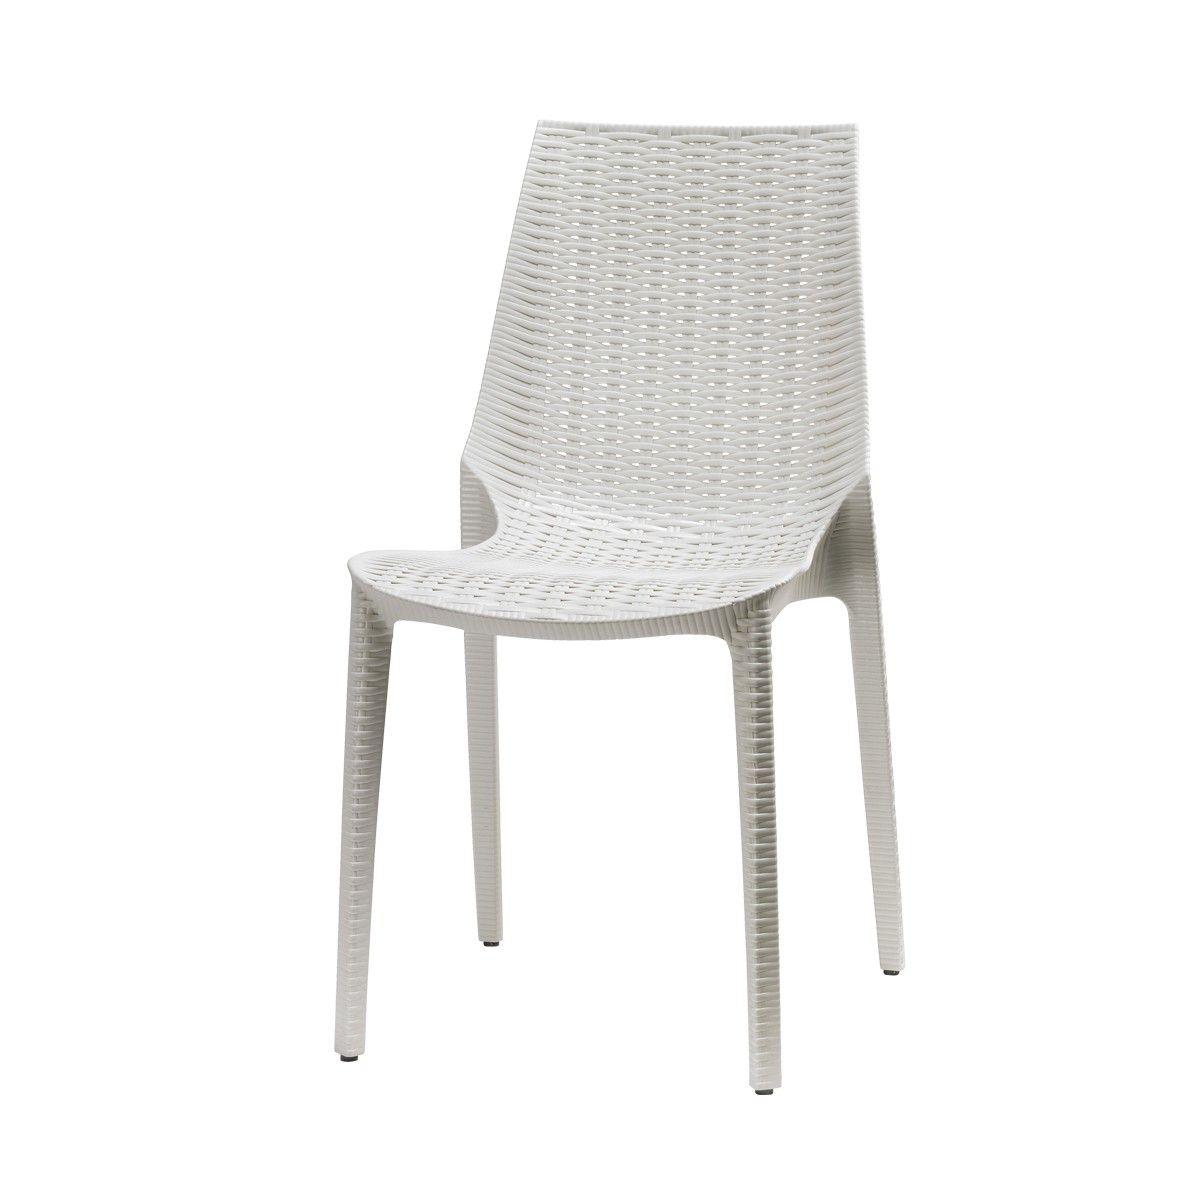 Vendita in occasione delle sedie e poltrone impilabili in ...